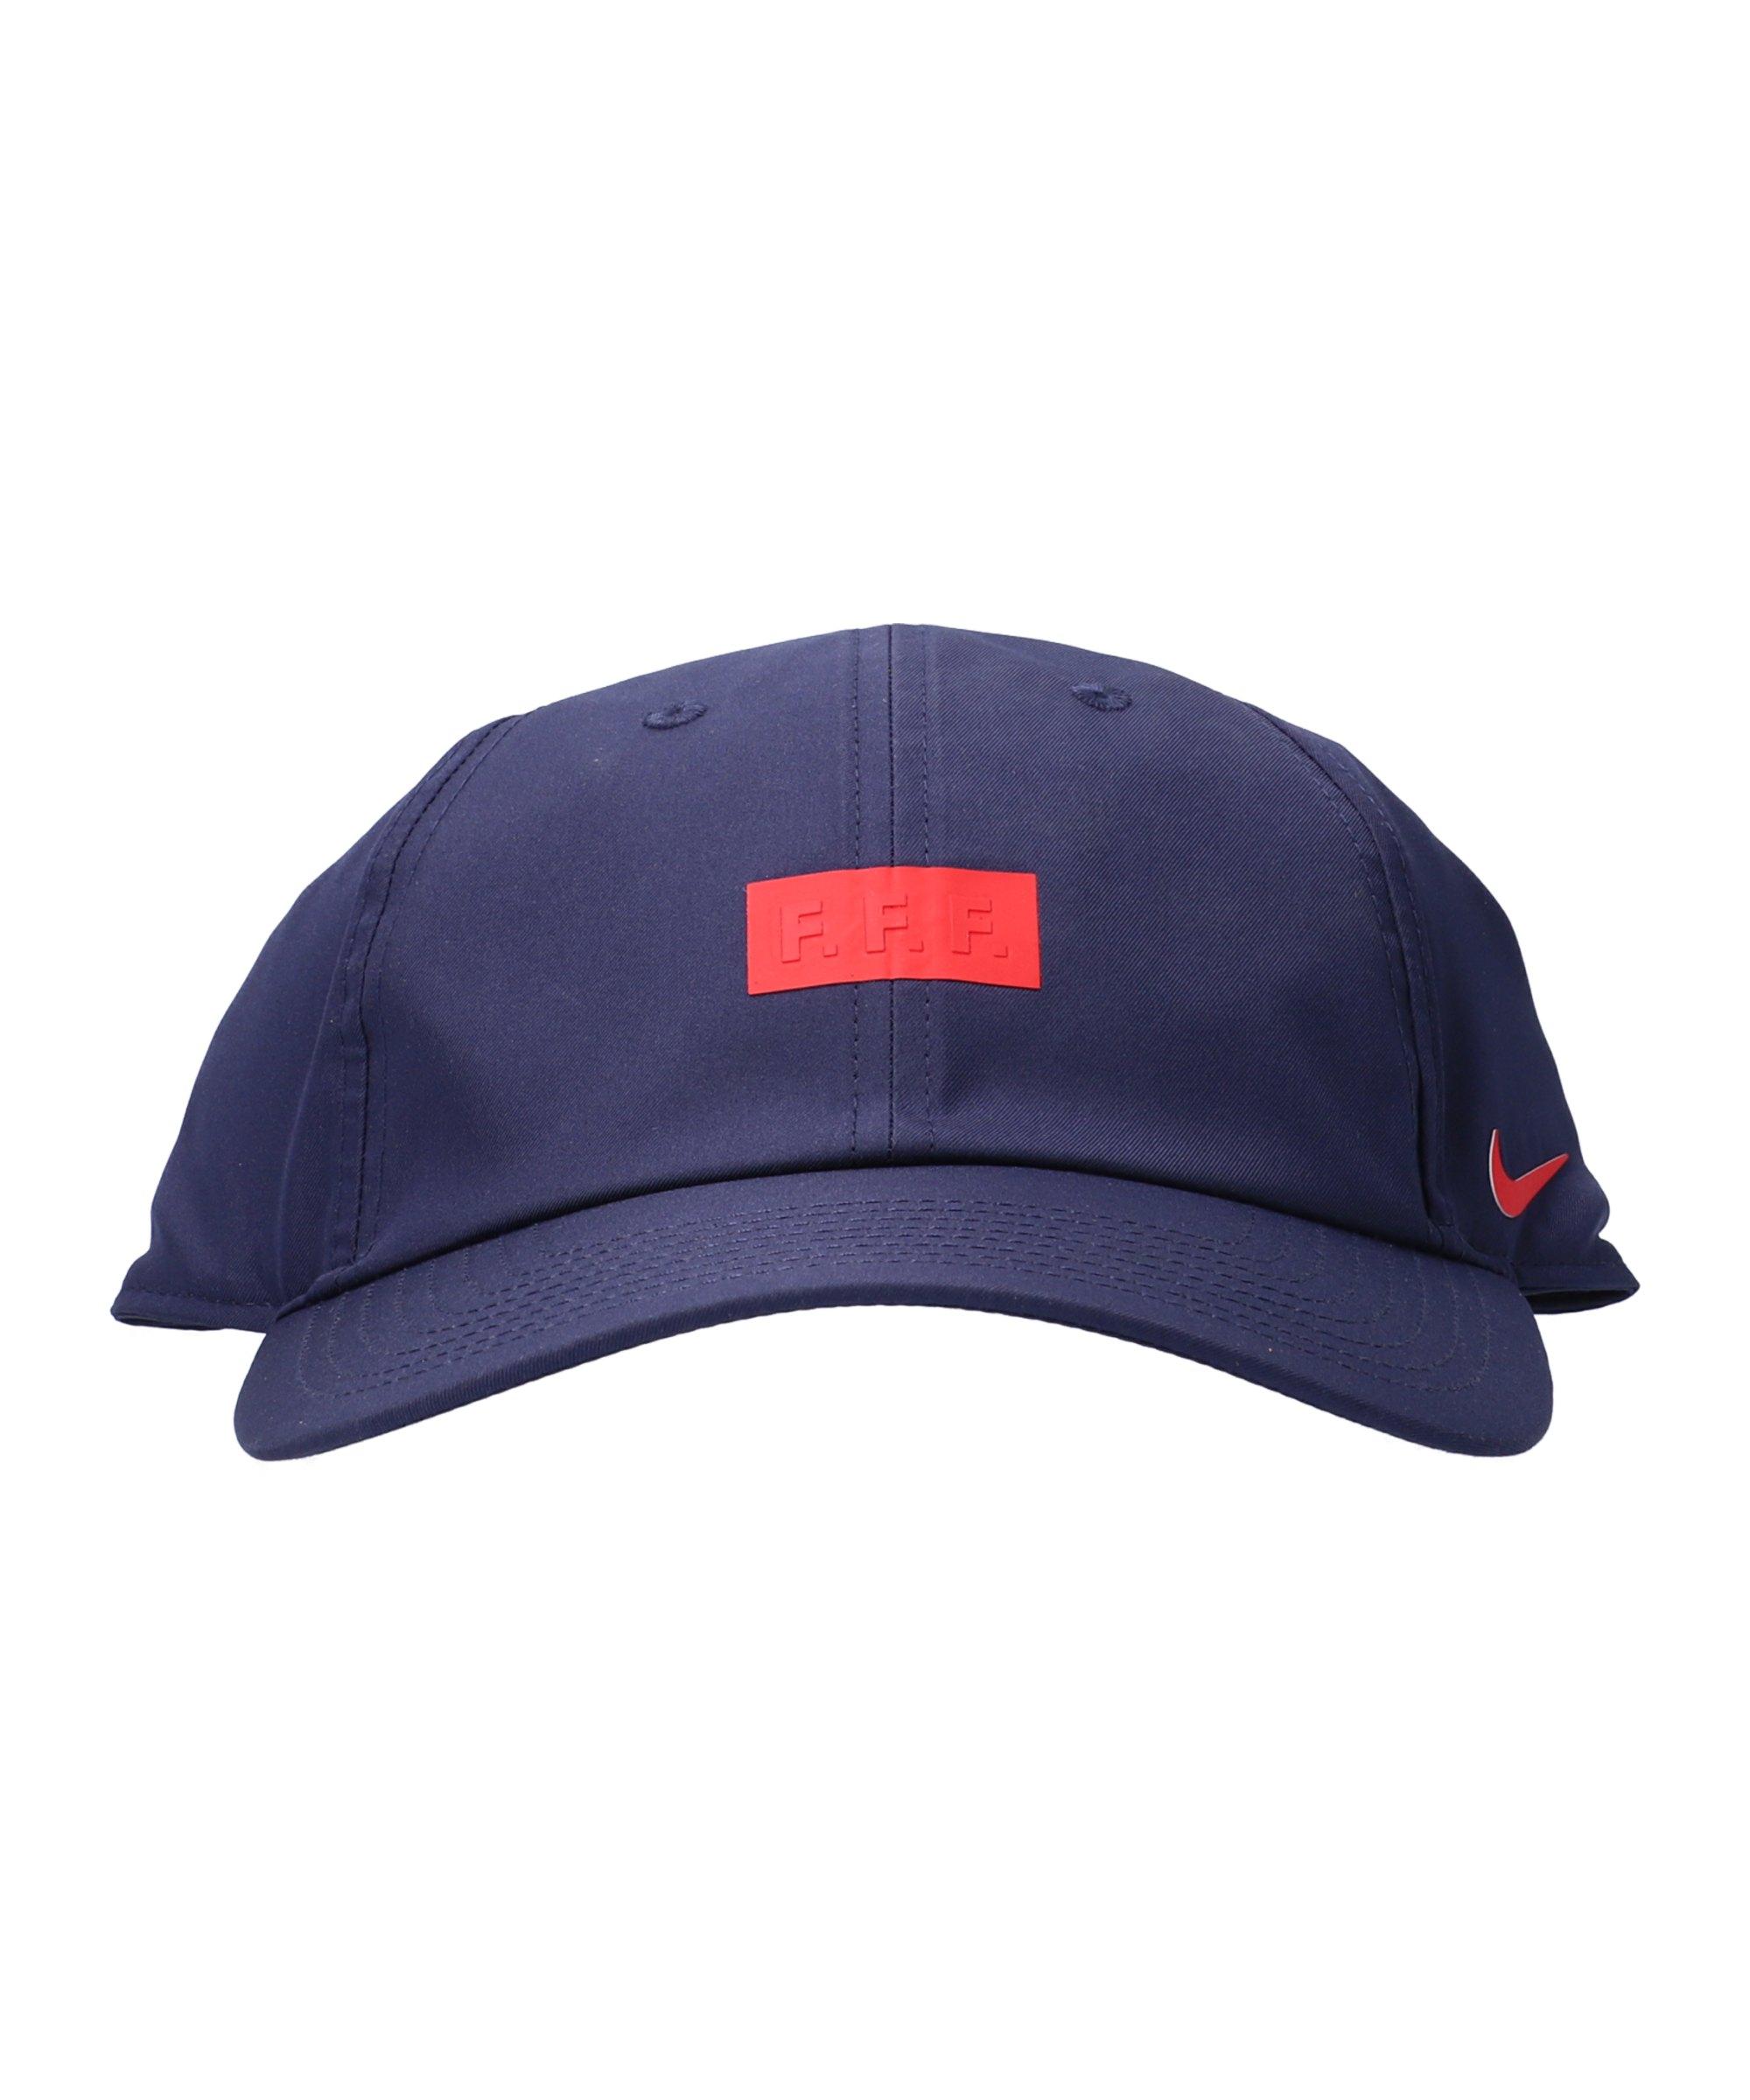 Nike Frankreich Dry H86 Cap Blau F498 - blau